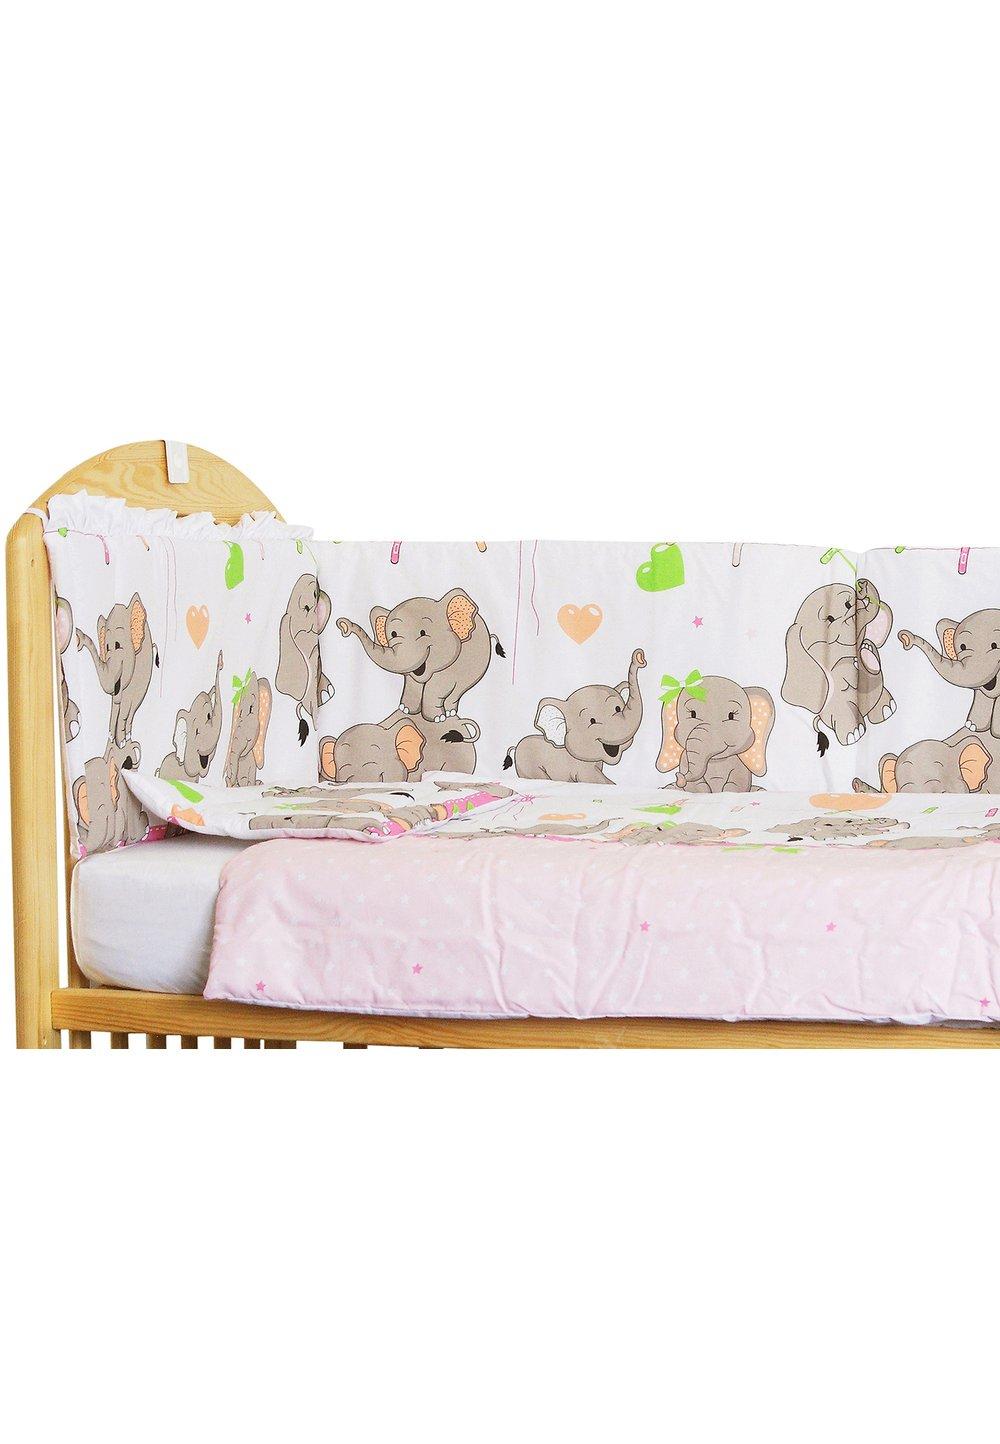 Lenjerie patut 3 piese, Elefant roz sir, 120 x 60 cm imagine